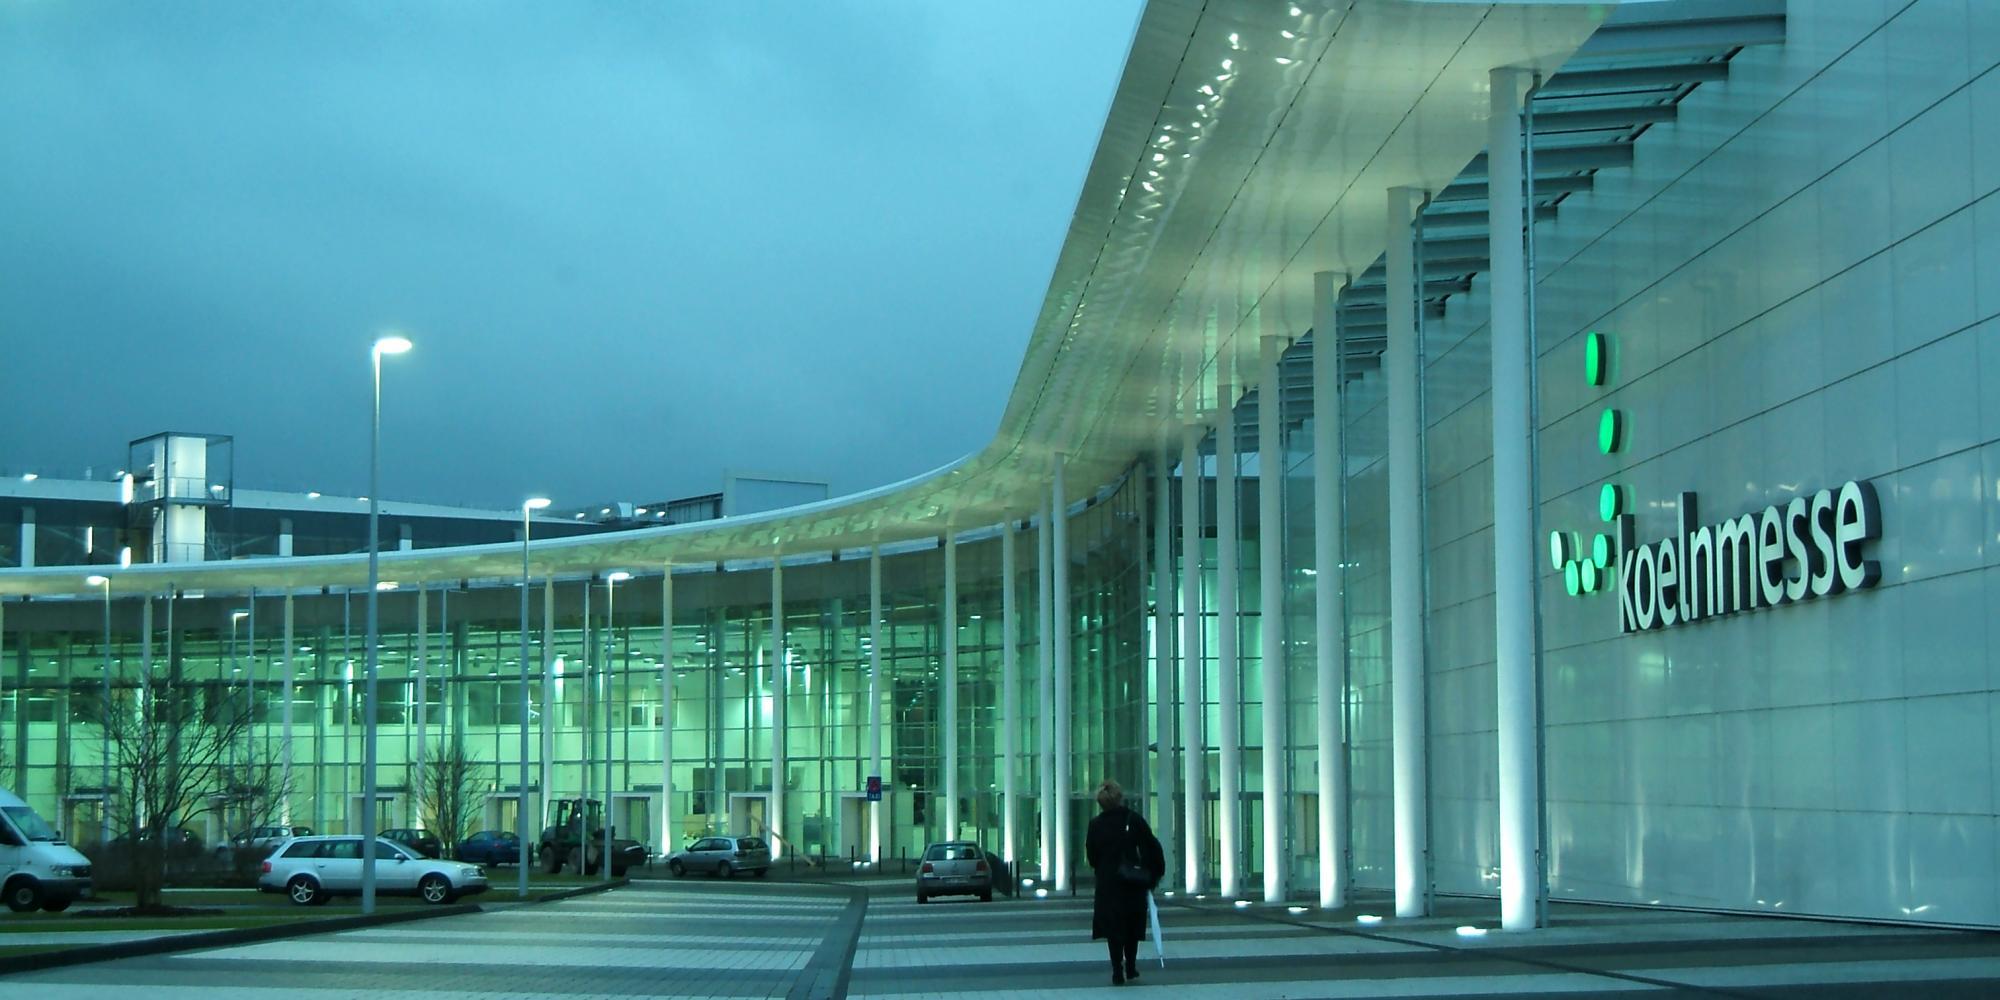 Eingang des Messegeländes Köln mit Schriftzug koelnmesse